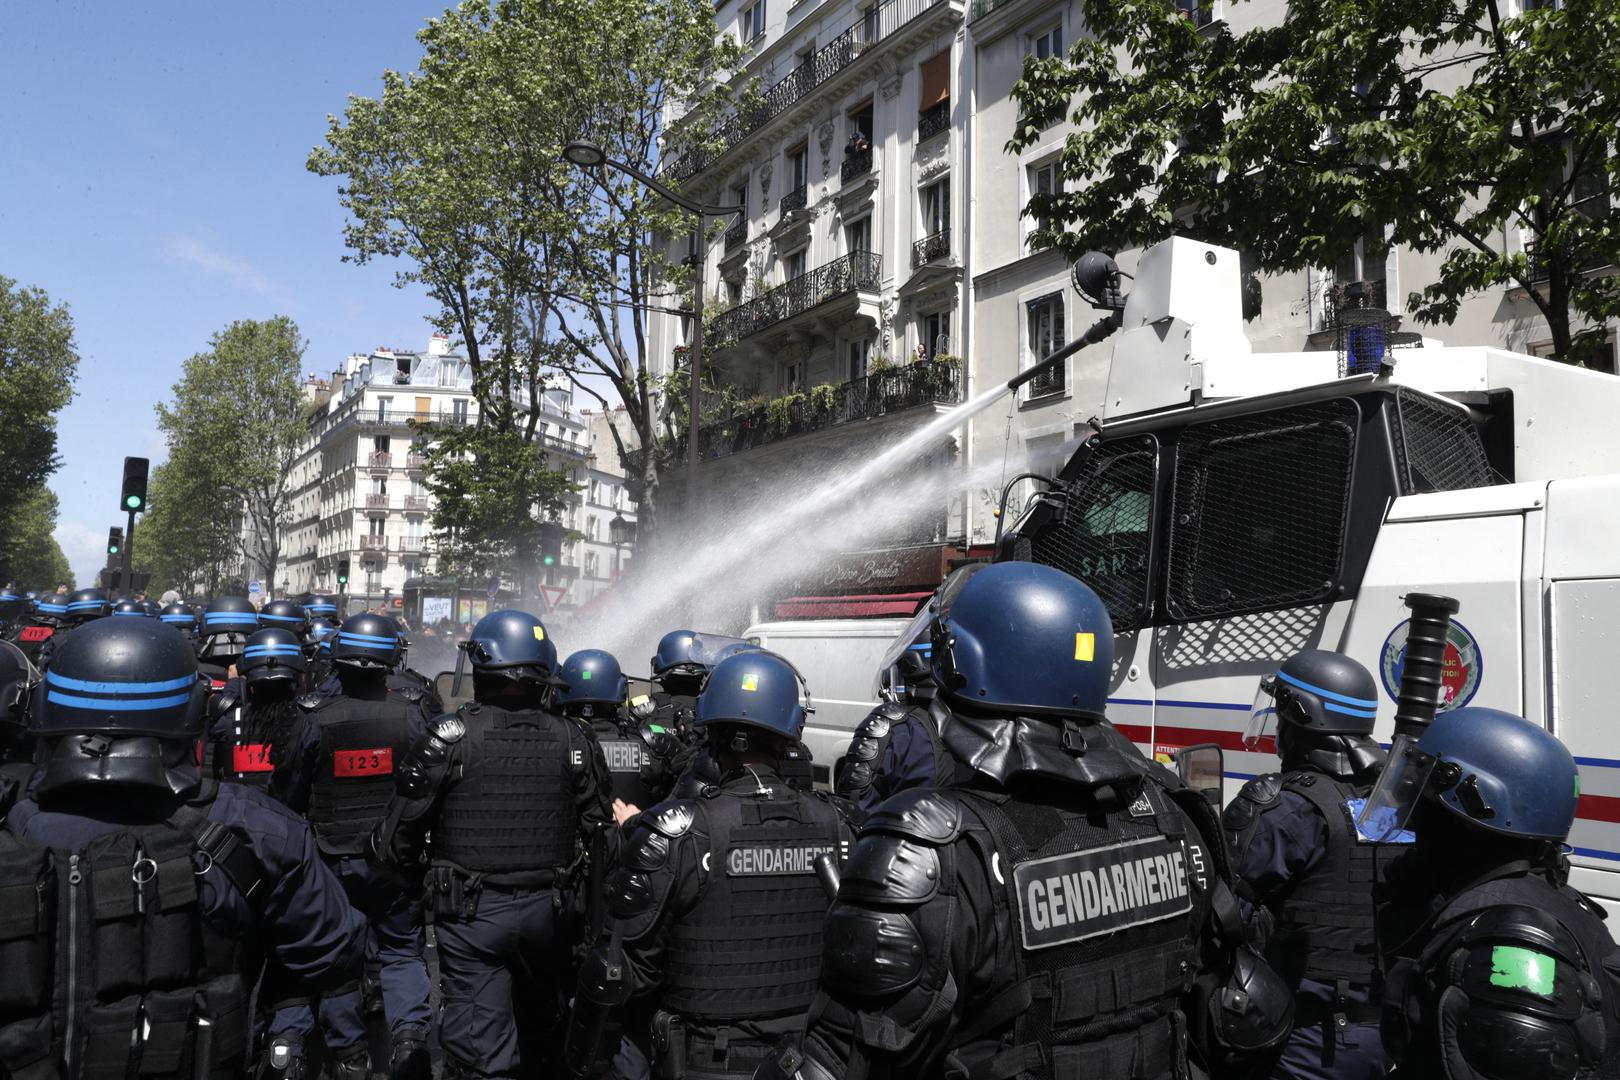 الشرطة الفرنسية تفرق مظاهرة مناصرة للفلسطينيين في باريس (فيديو)